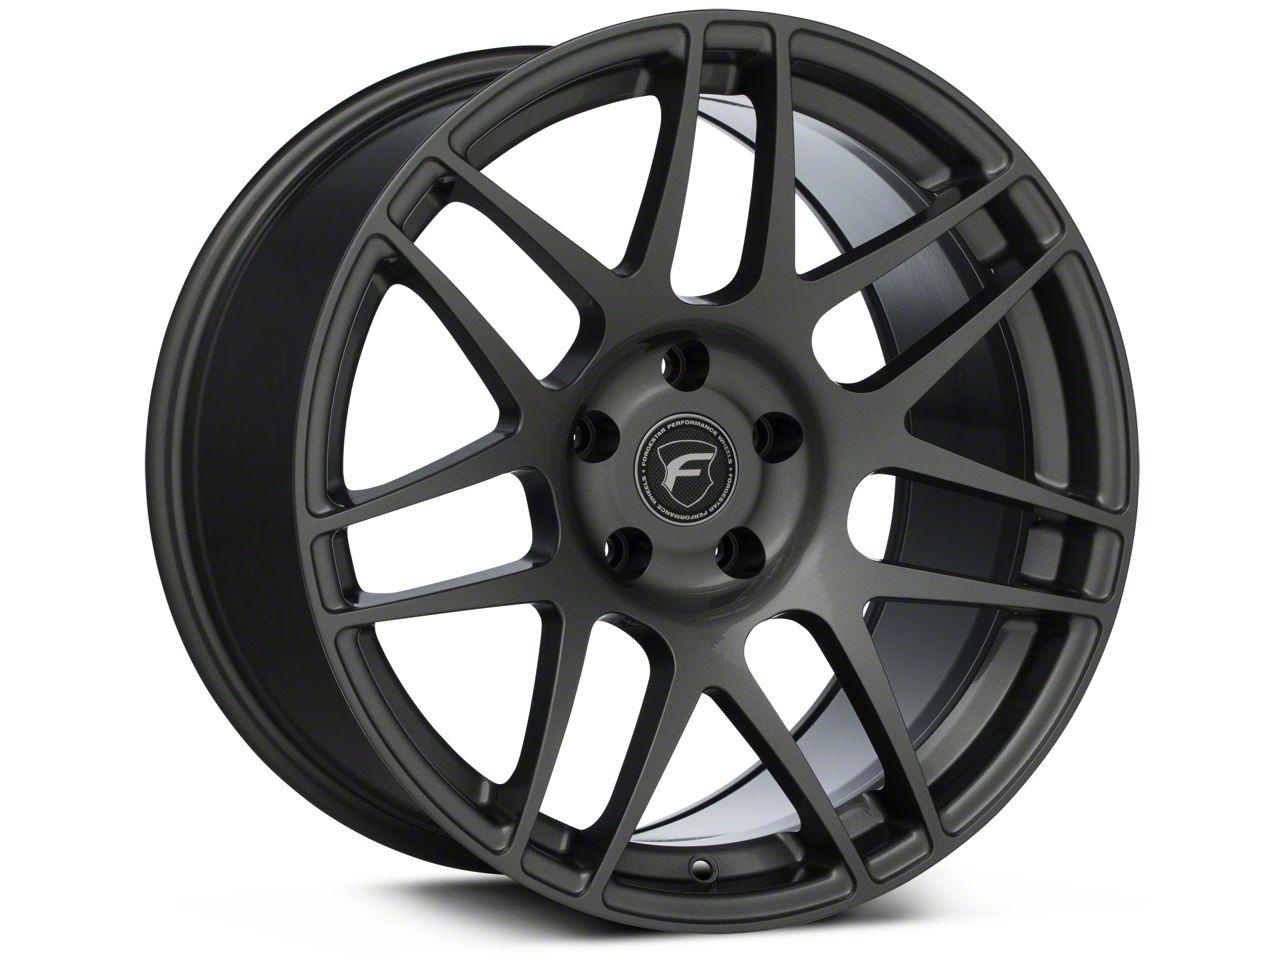 Forgestar F14 Monoblock Gunmetal Wheel - 18x10 - Rear Only (94-04 All)